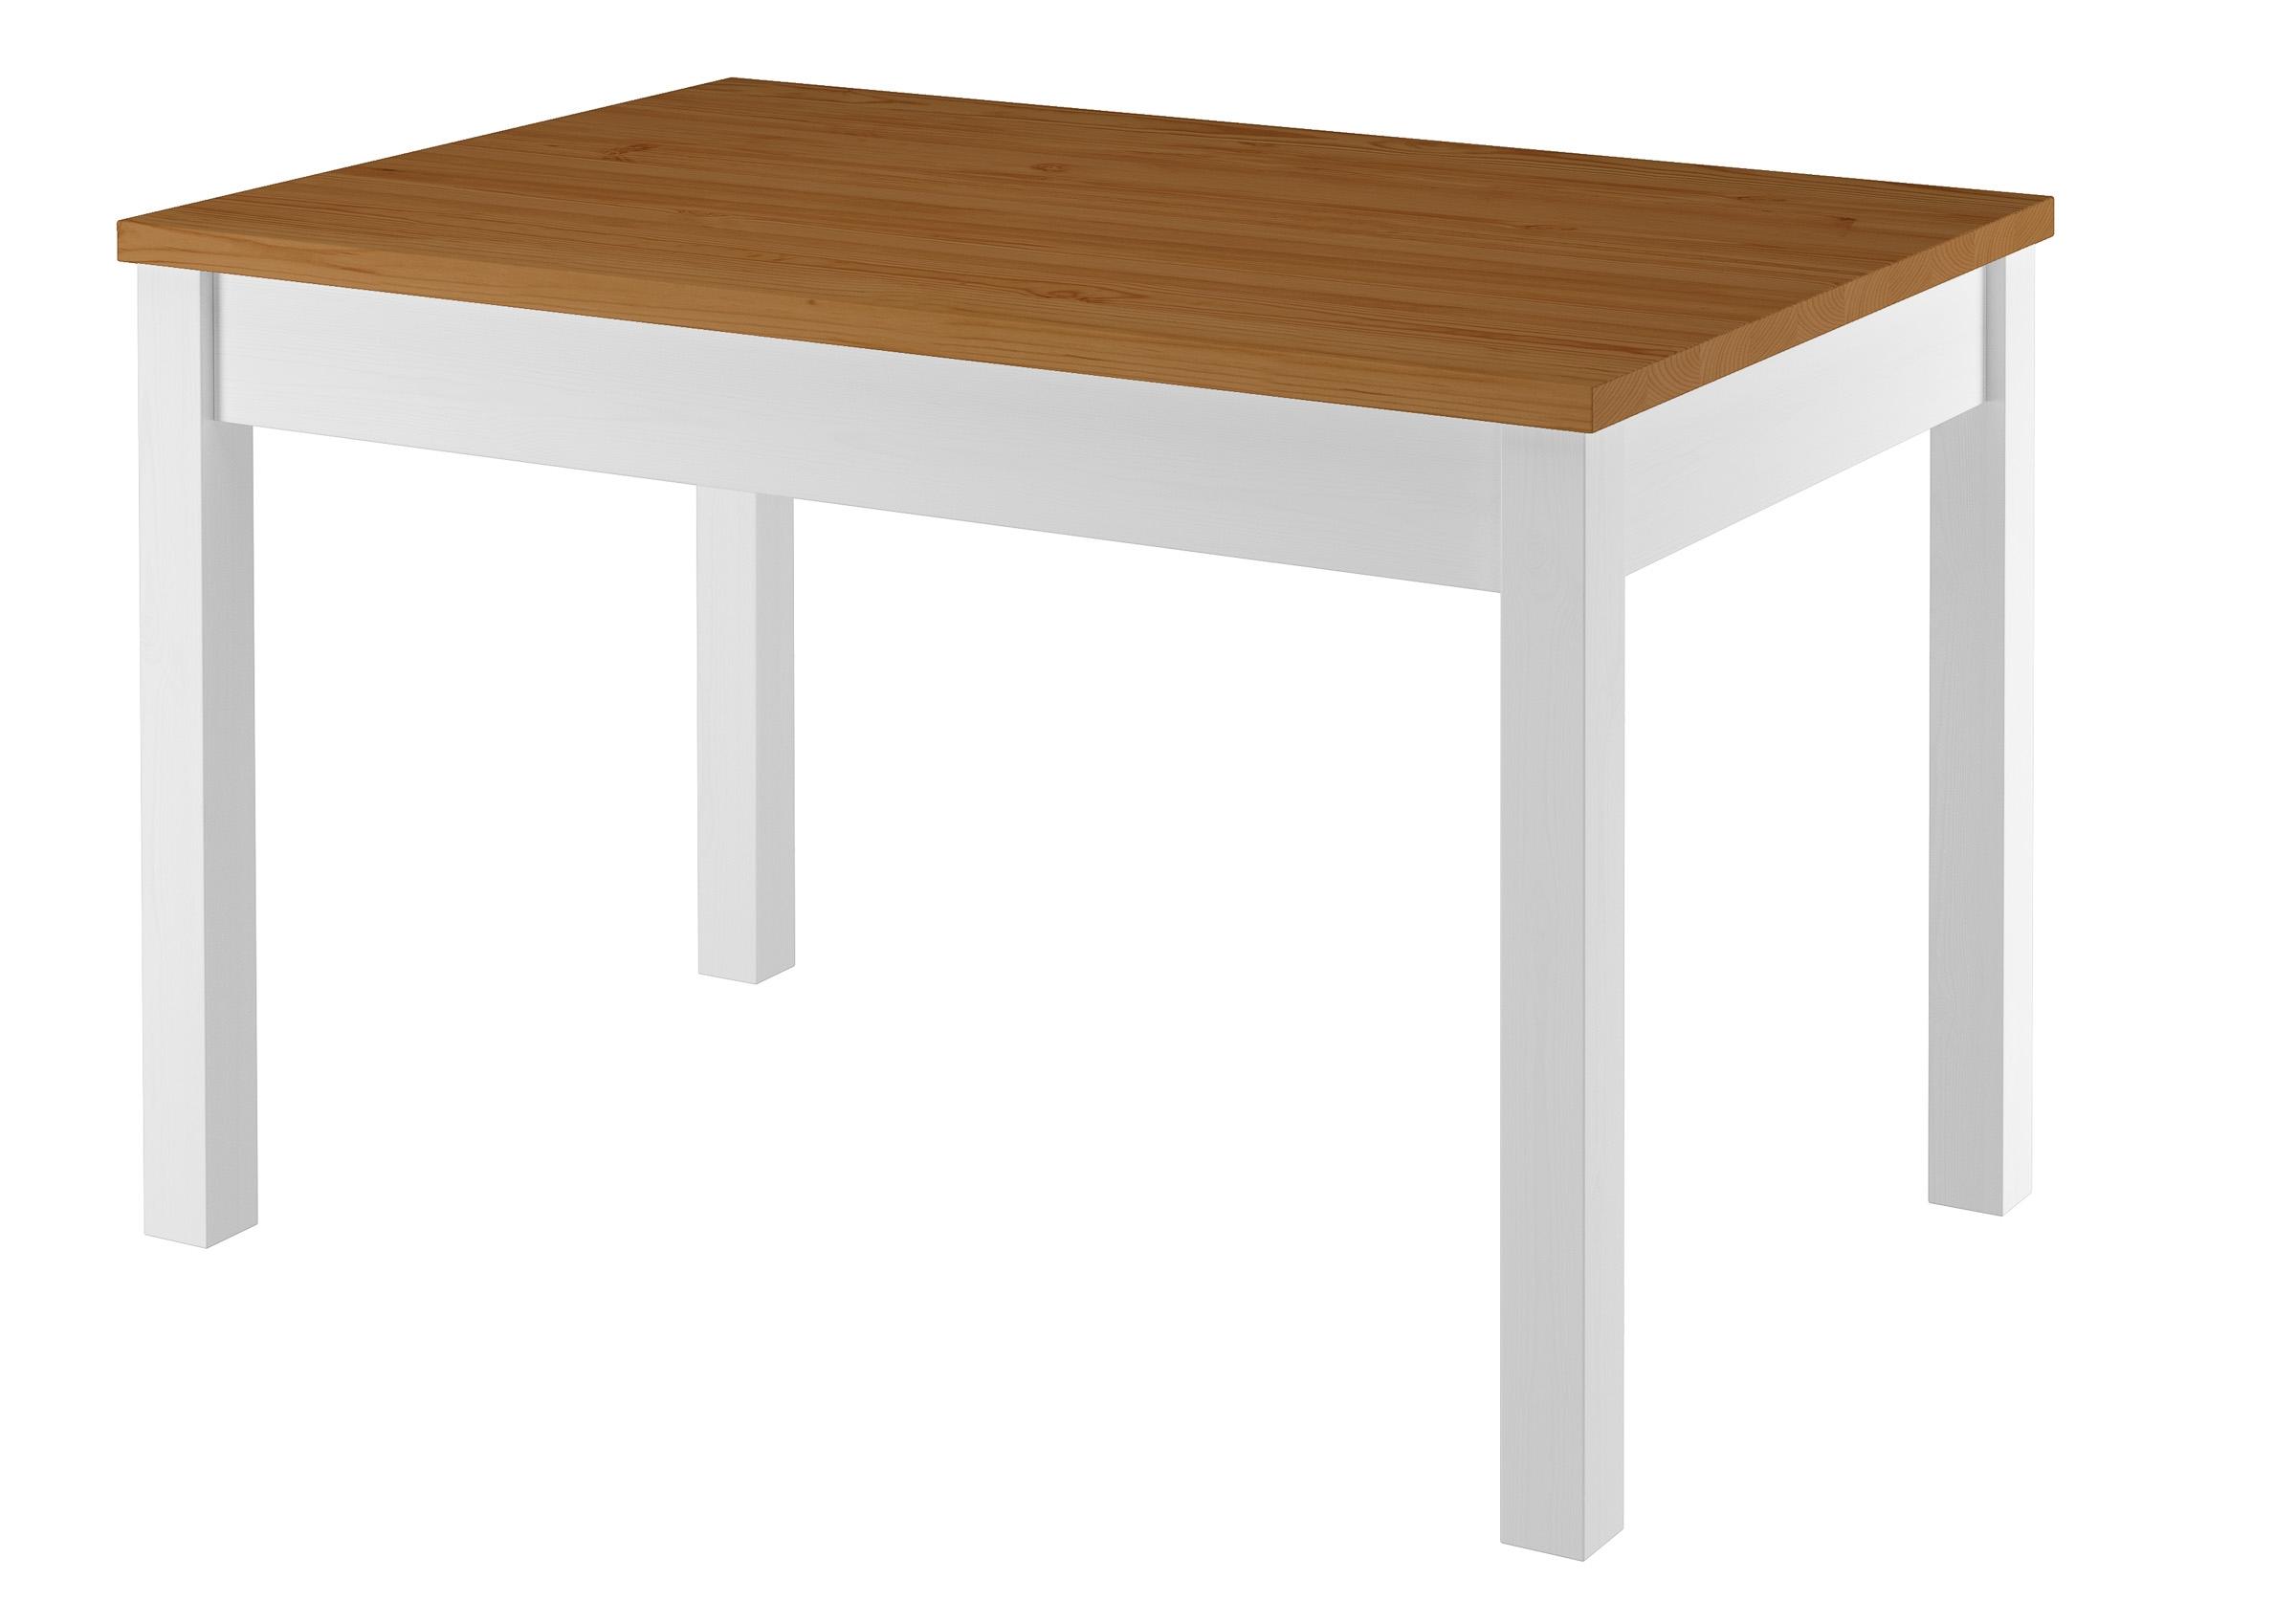 Tisch 80x120 Esstisch Massivholz Beine Rille Senkrecht 90.70-51 C